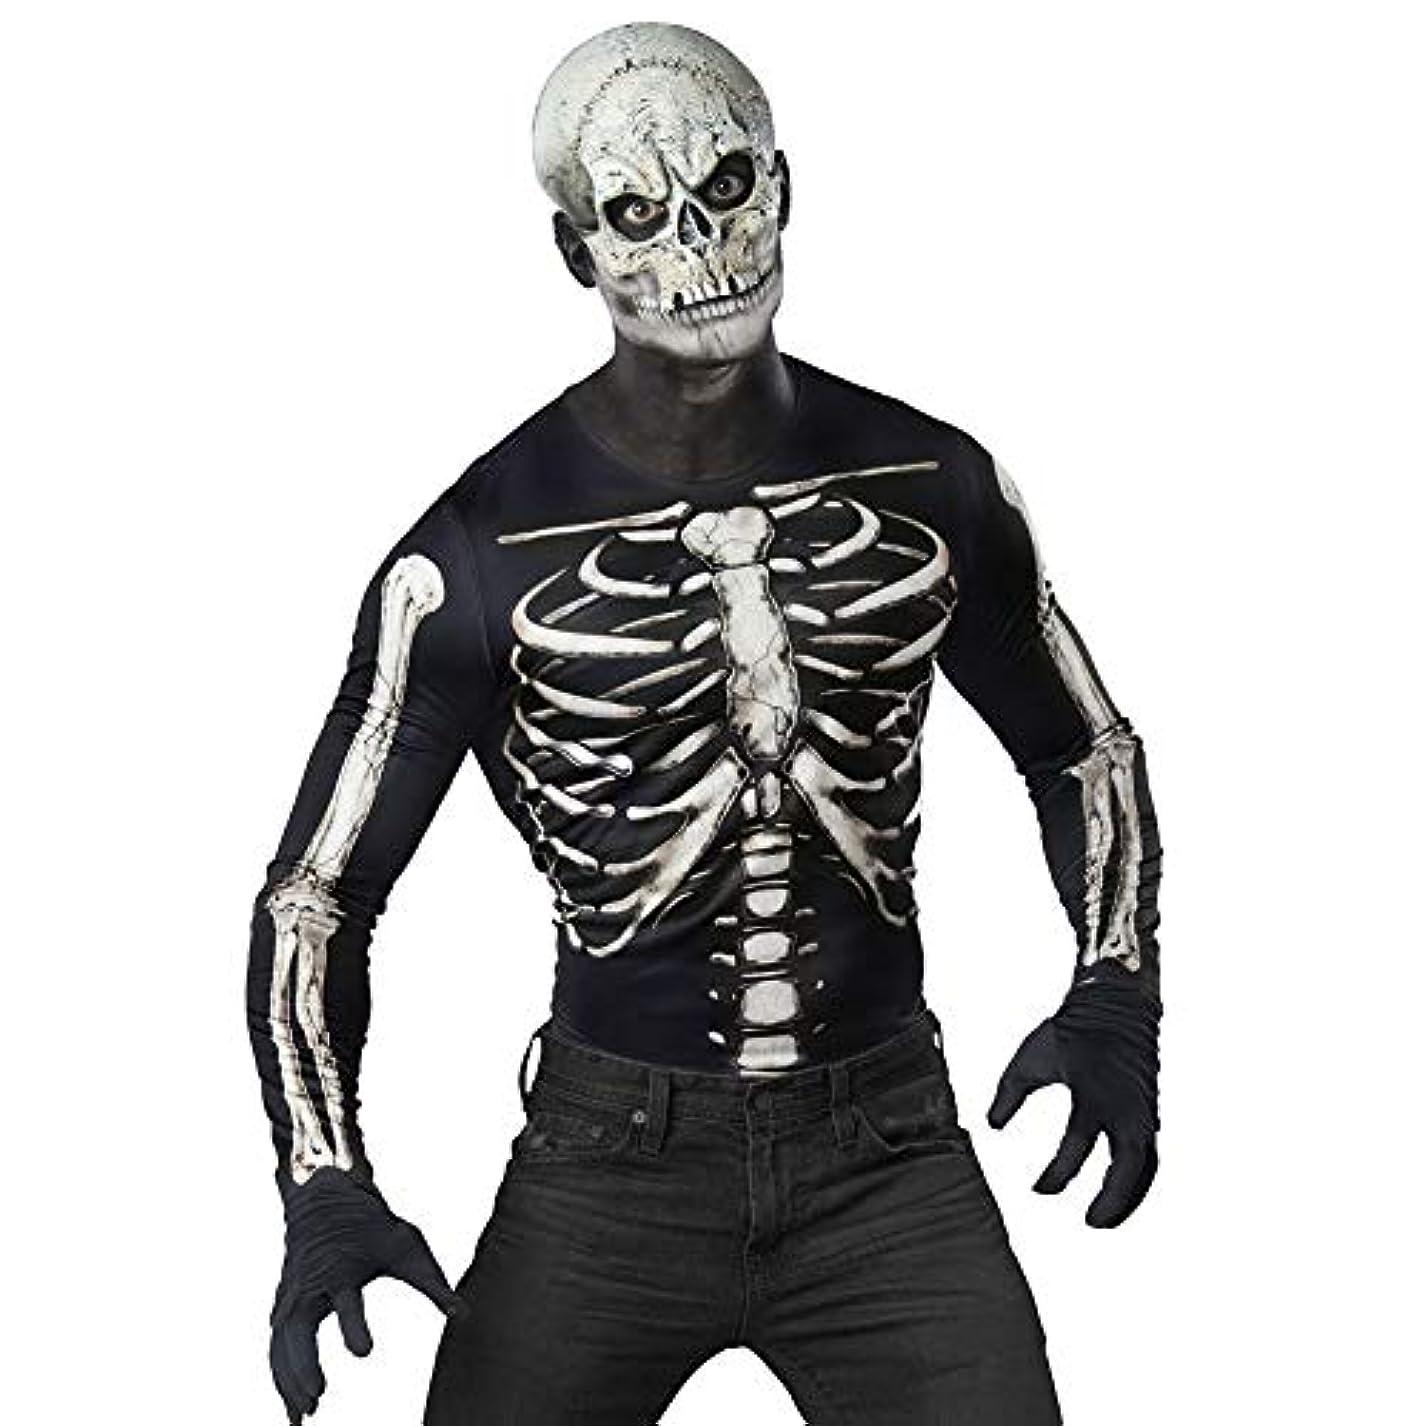 毎月する必要がある言い訳InCharacter Costumes ガイコツマスク&スカルグラフィックシャツ 簡単仮装セット メンズ S/M サイズ 12025